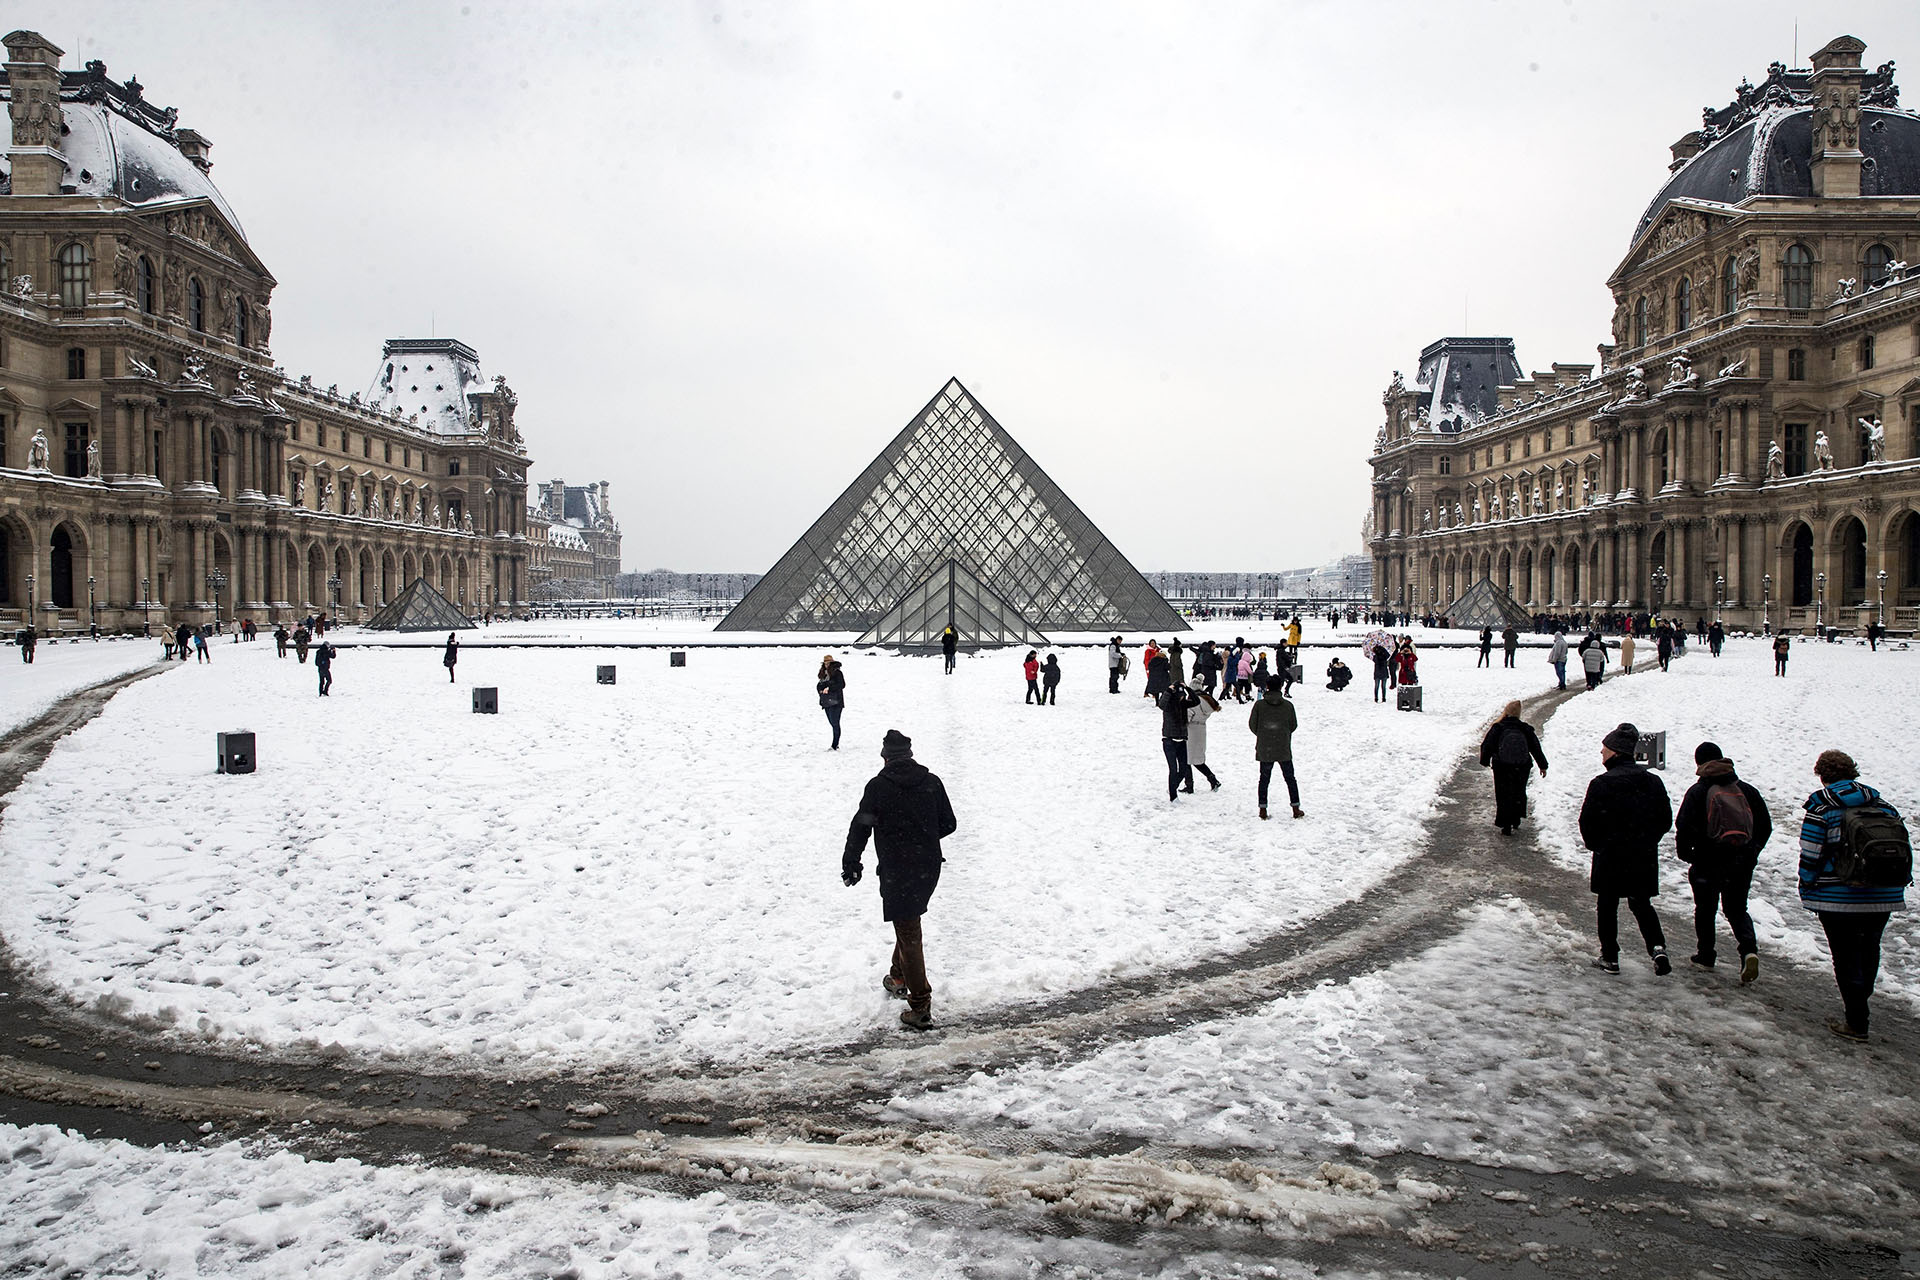 La pirámide del Louvre y los senderos dibujados en medio de la alfombra blanca parisina